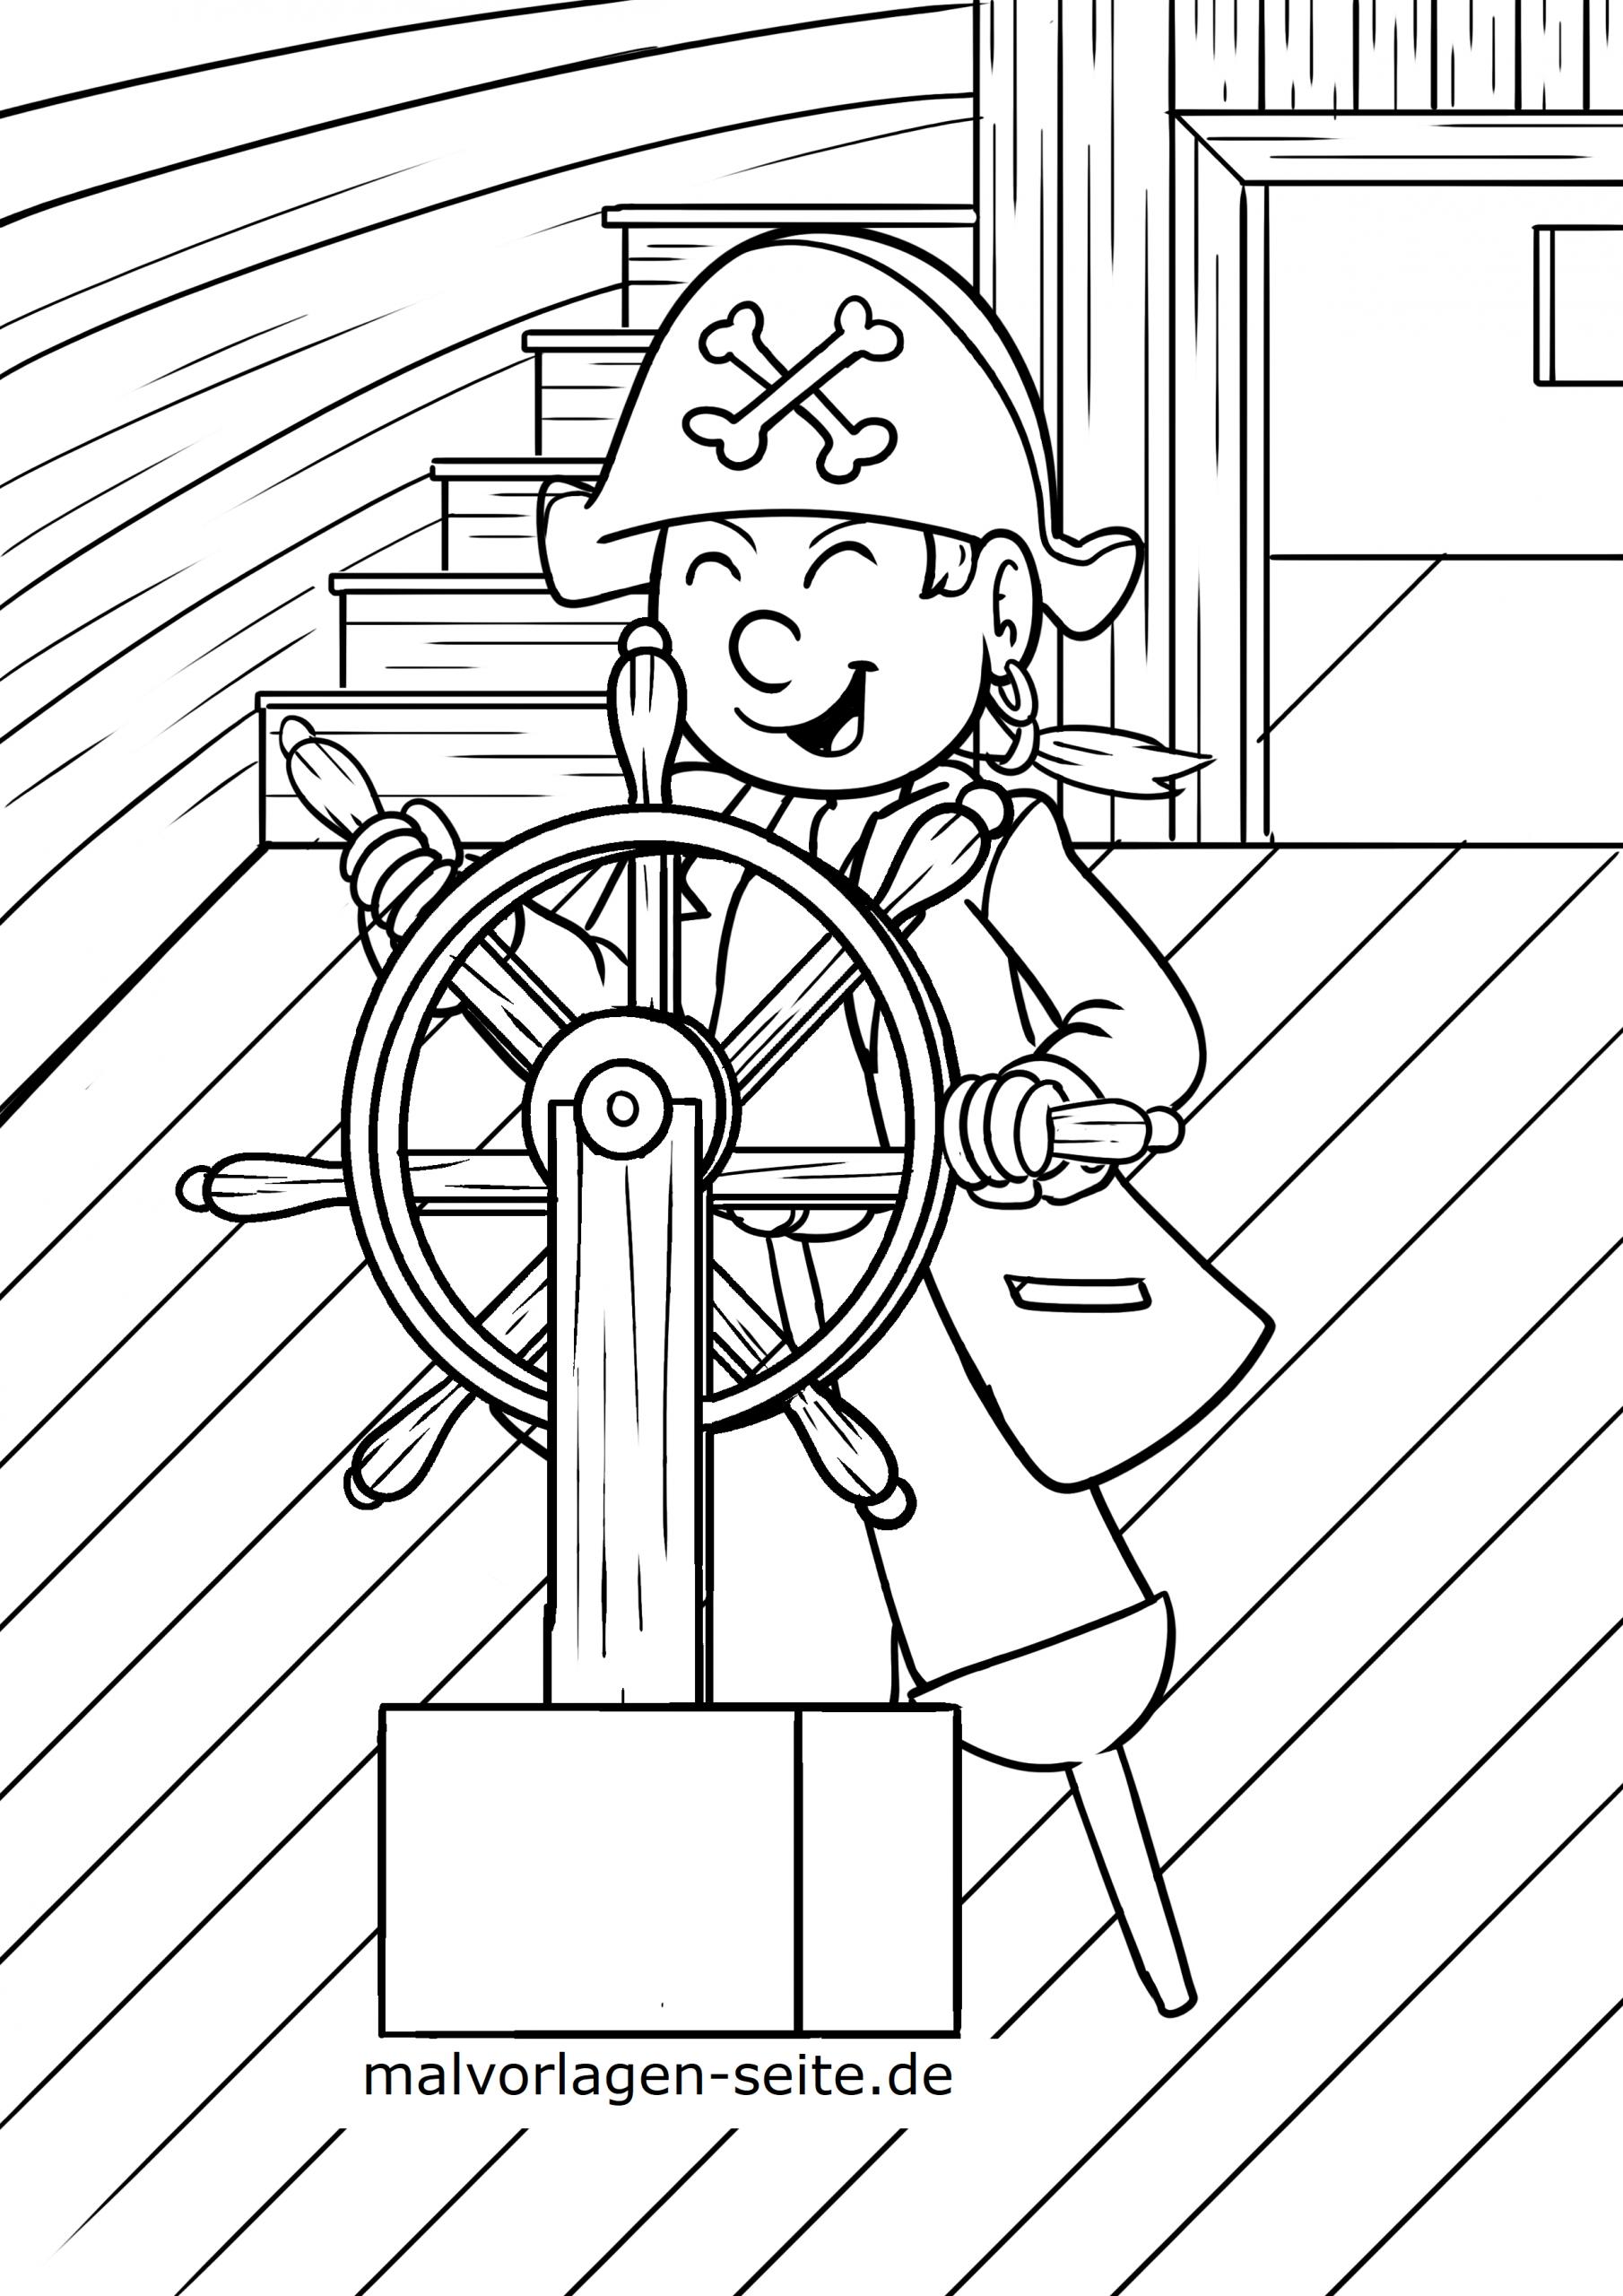 Malvorlage Pirat - Ausmalbilder Kostenlos Herunterladen in Pirat Malvorlage